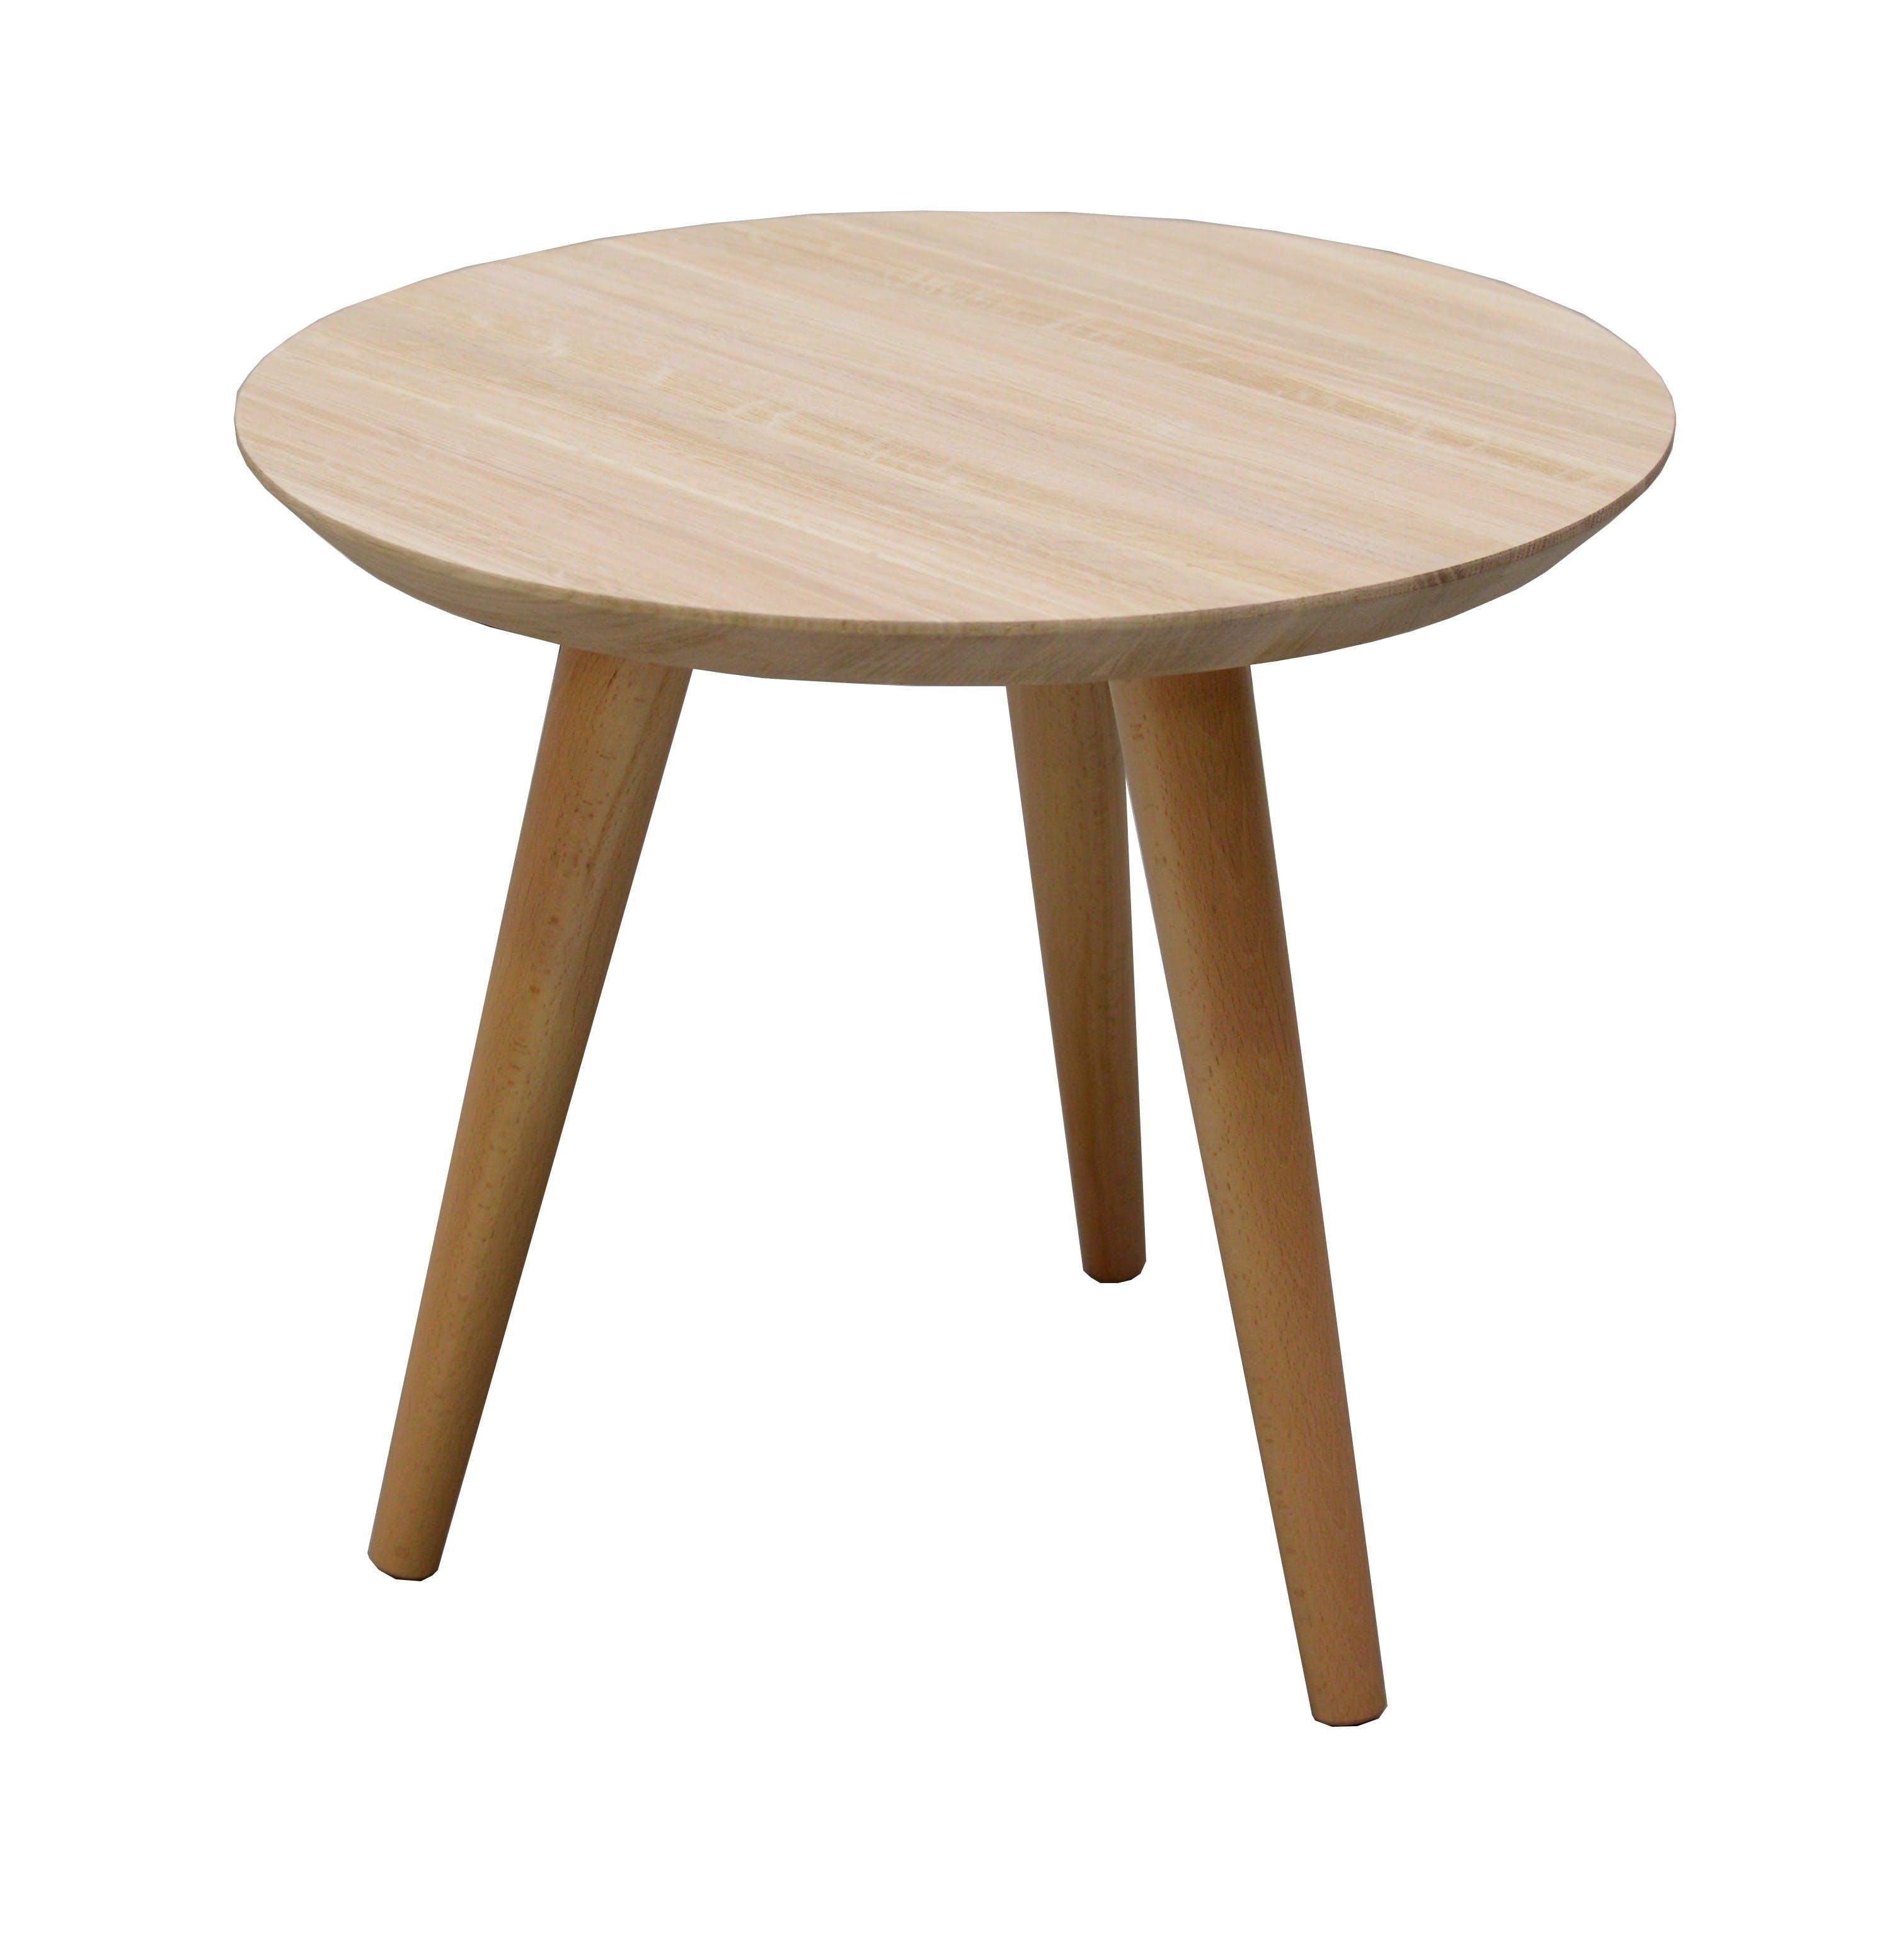 Table basse ronde nordique chêne finition naturelle D50 H45cm BALTIC